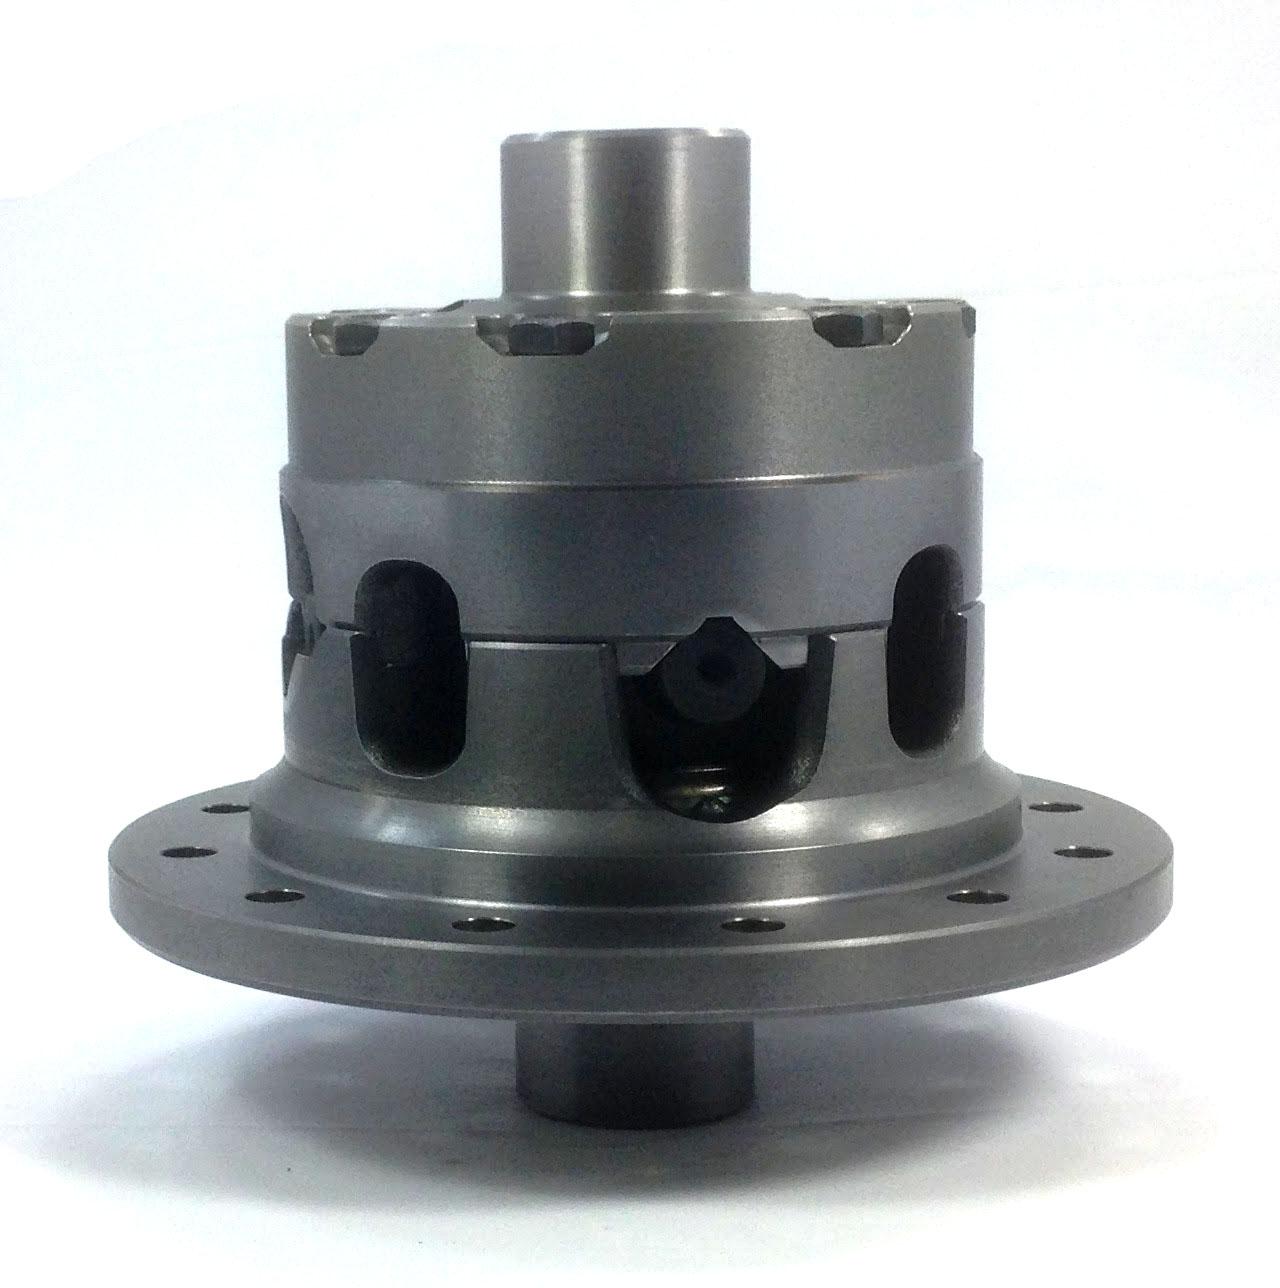 Alupre 8pcs 3//8 Racores de liberaci/ón r/ápida del z/ócalo del Enchufe del Conector Conjunto Compatible con compresor de Aire de la Manguera